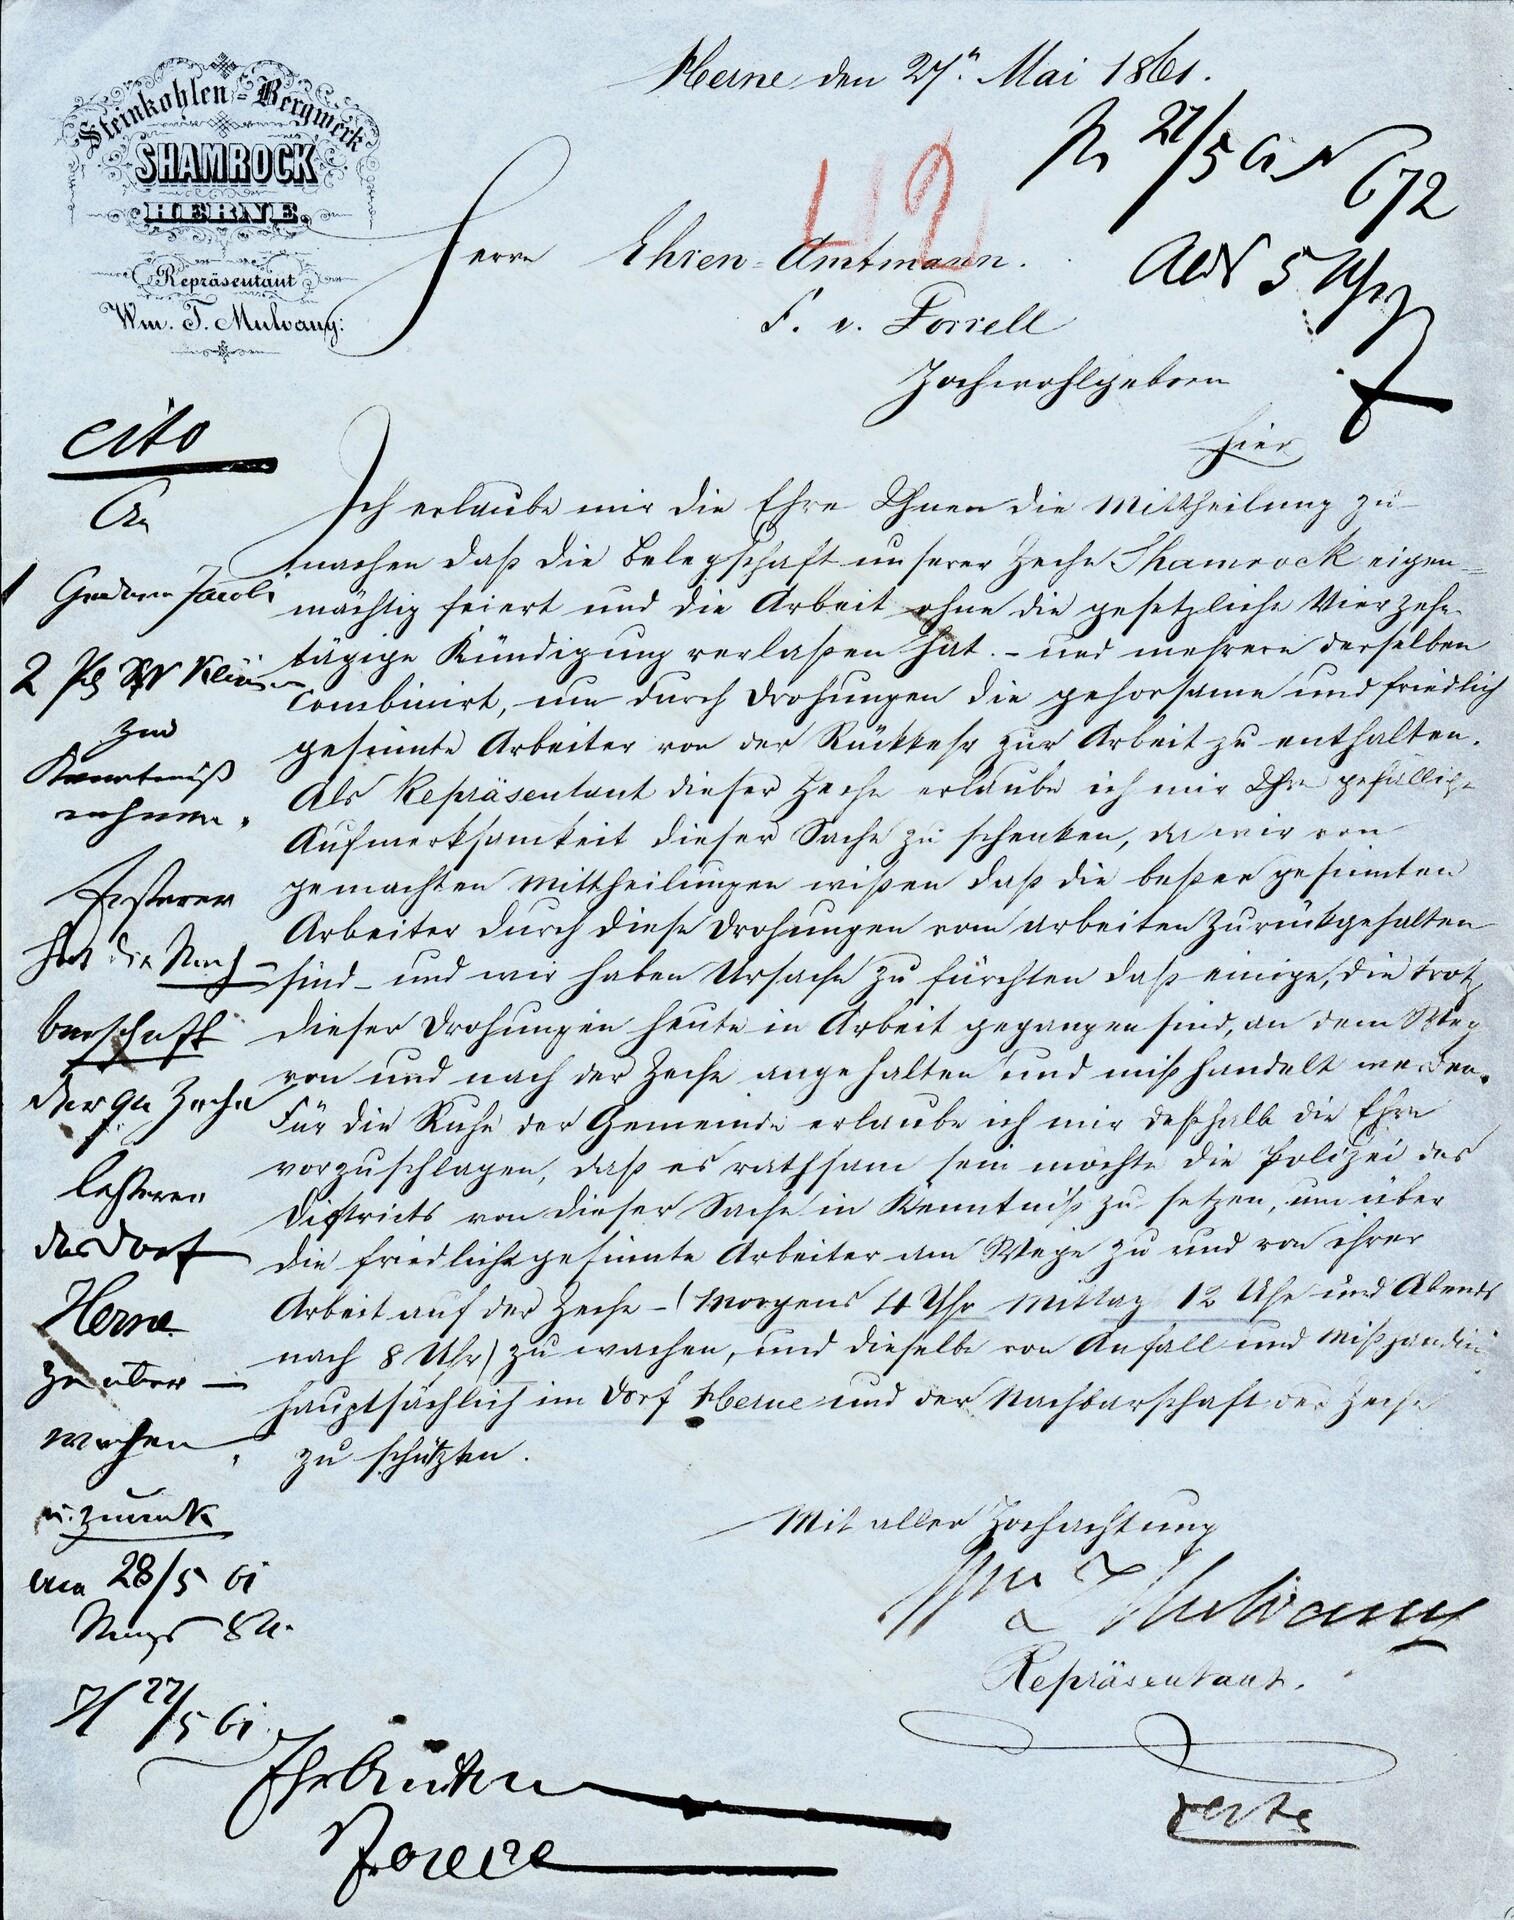 Schreiben über den Streick_1861.jpg